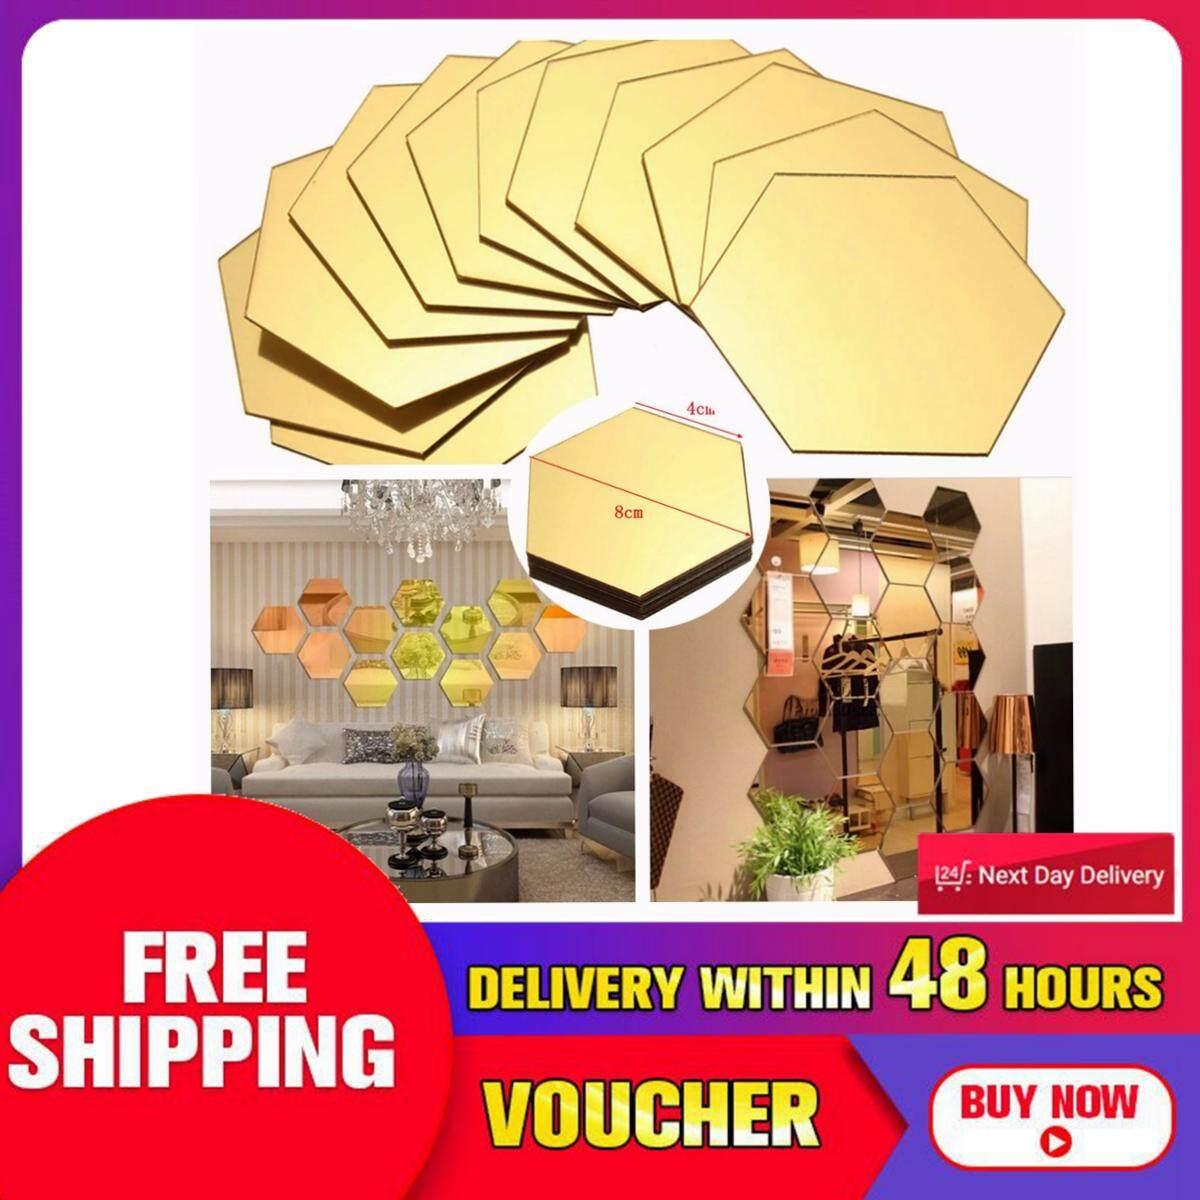 【Free Vận Chuyển + Đèn Flash Deal】12pcs 3D Gương Lục Giác Nhựa Vinyl Có Thể Tháo ra Dán Tường Decal Trang Trí Nhà Nghệ Thuật DIY